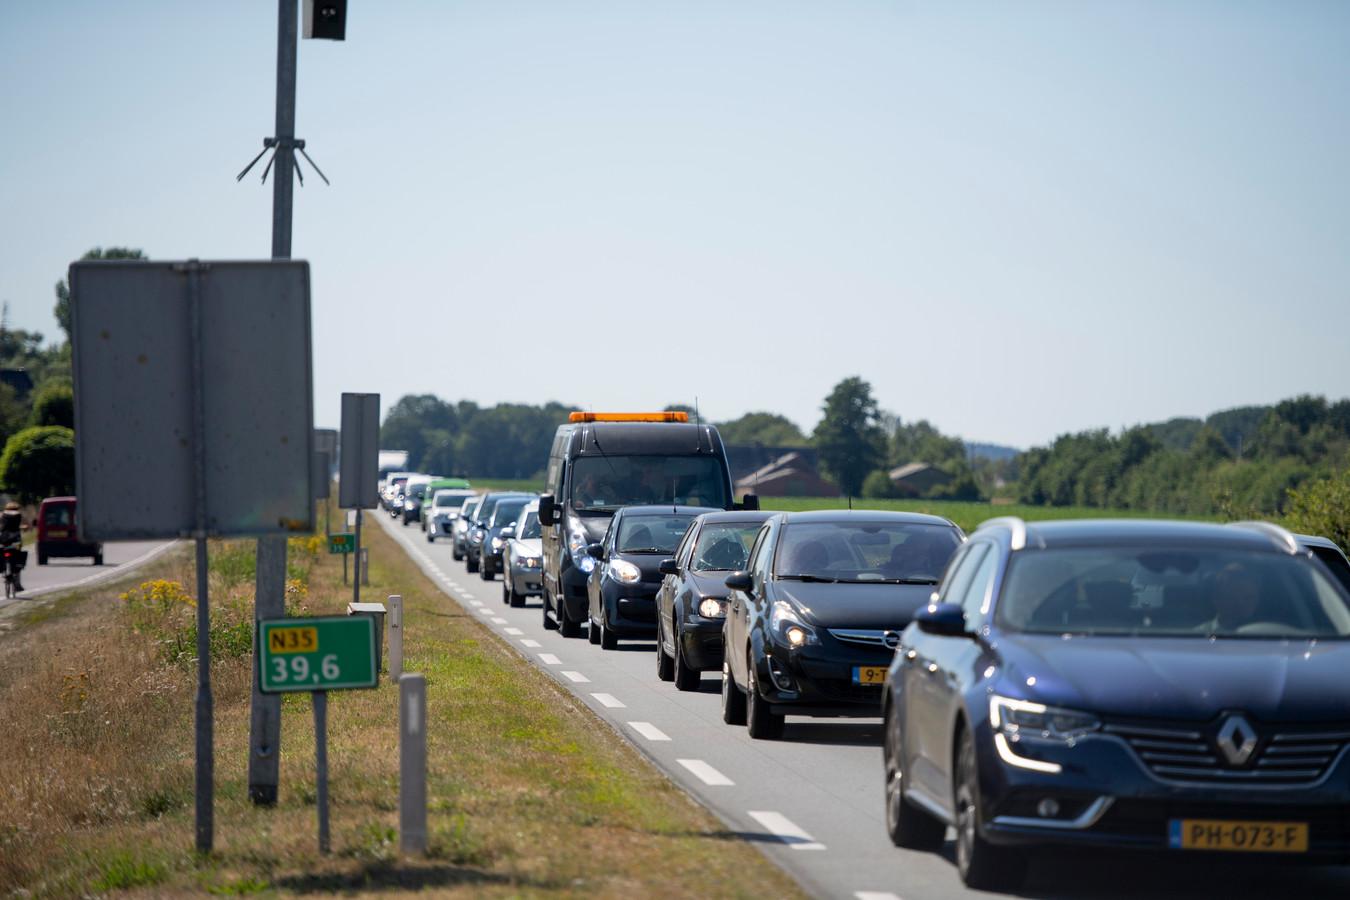 De filedruk op de N35 tussen Nijverdal en Wierden wordt steeds groter. Maar de geplande verbreding van dit weggedeelte tot een vierbaans autoweg laat nog langer op zich wachten.